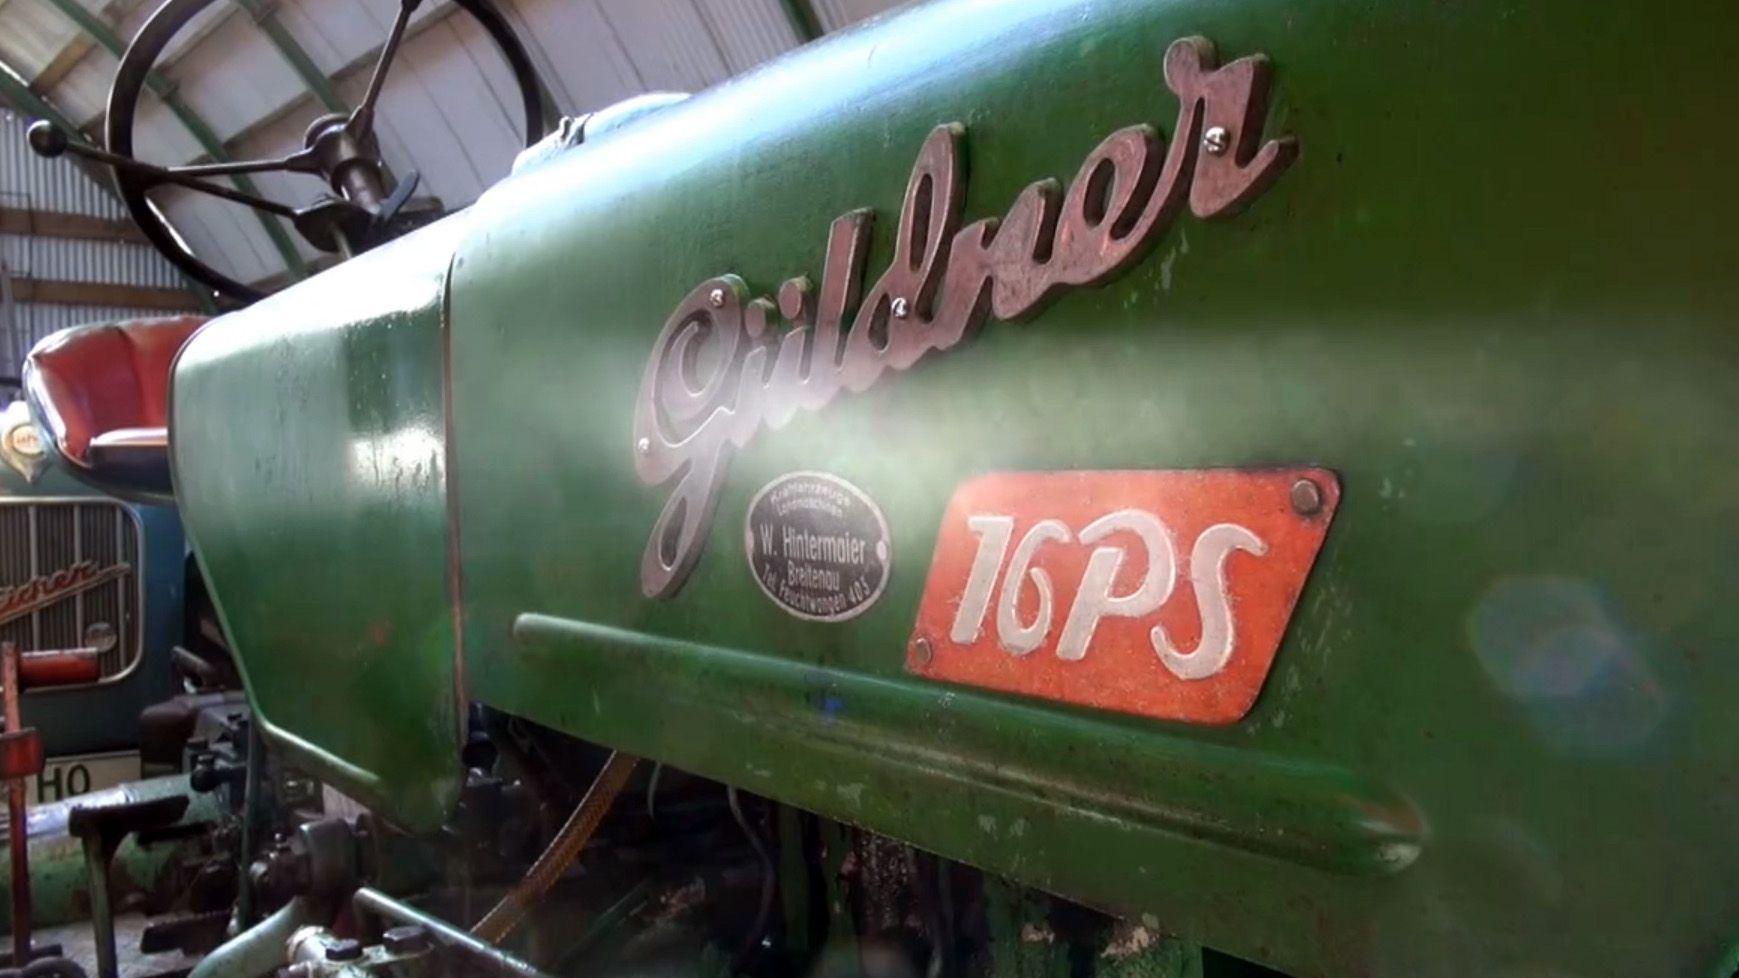 Ein grün-lackierter Traktor der Marke Güldner mit einem roten Fahrersitz und einem schwarzen Lenkrad.